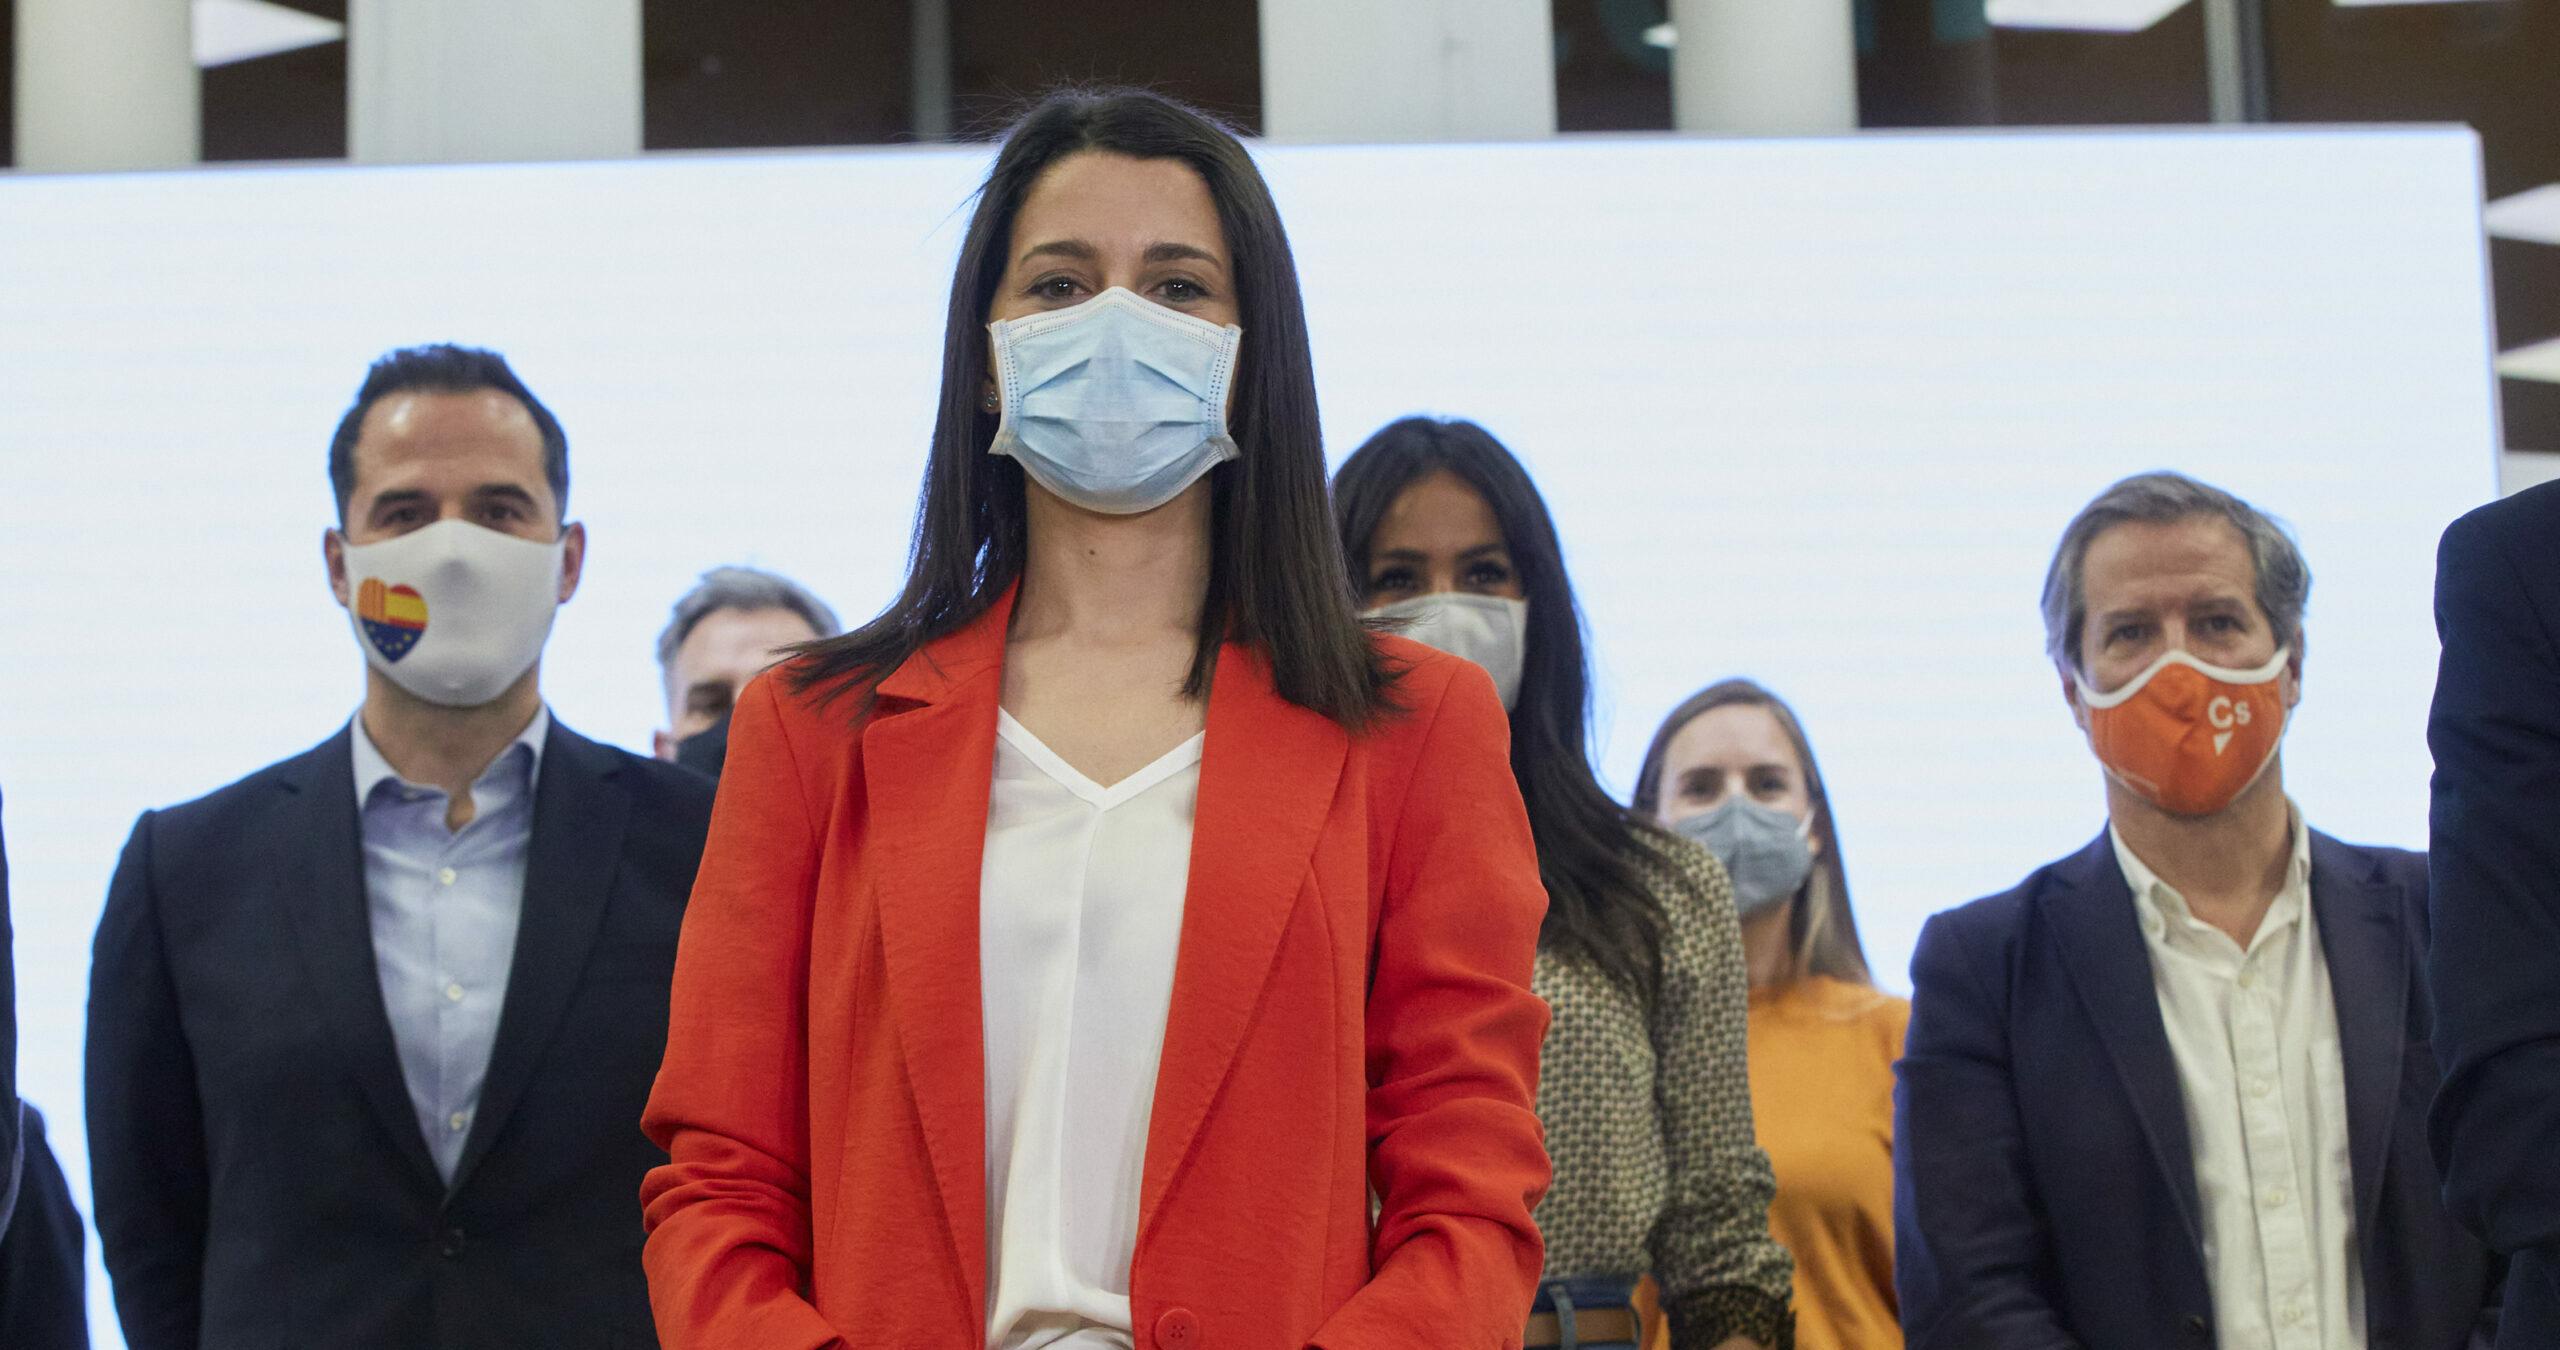 Inés Arrimadas després de l'executiva de Ciutadans en plena crisi / Europa Press